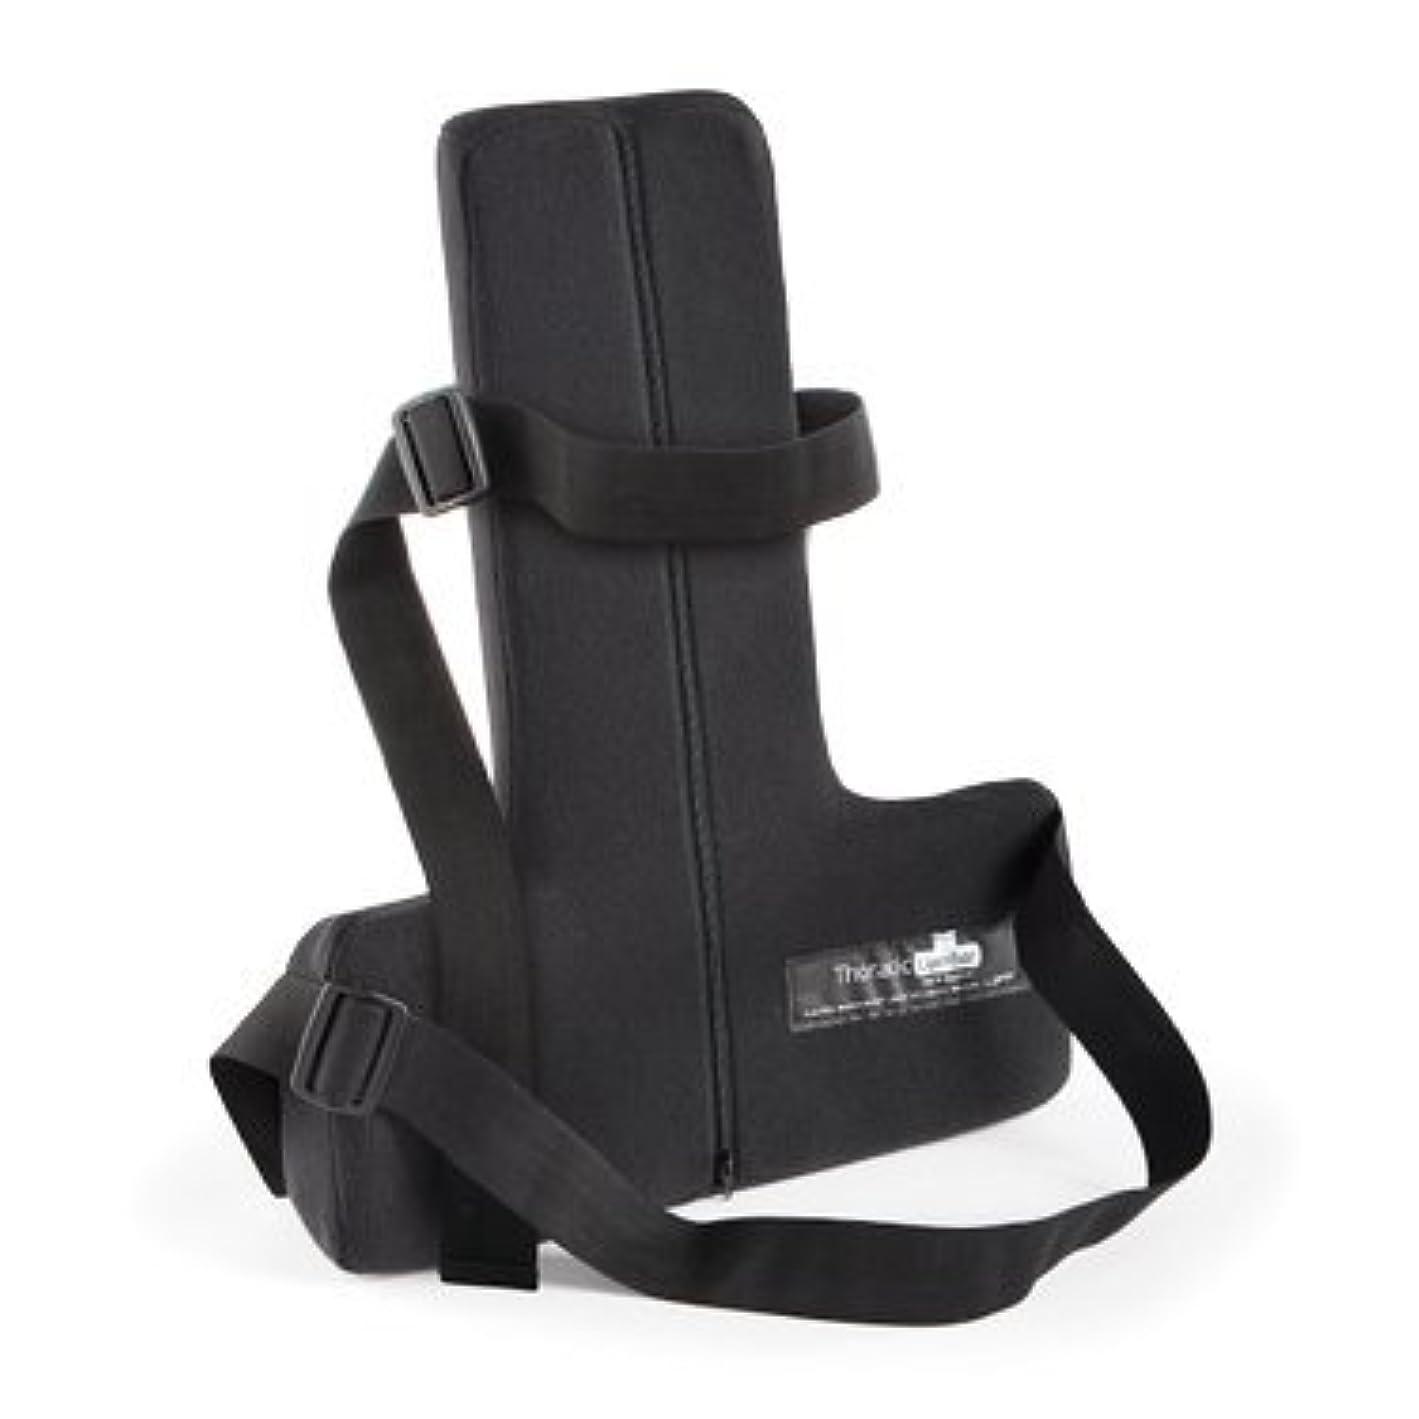 炭素そうでなければオーピーティー 自宅 車内 オフィス 椅子腰椎サポート 正しい姿勢で背中 肩 首への負担を減らすクッション